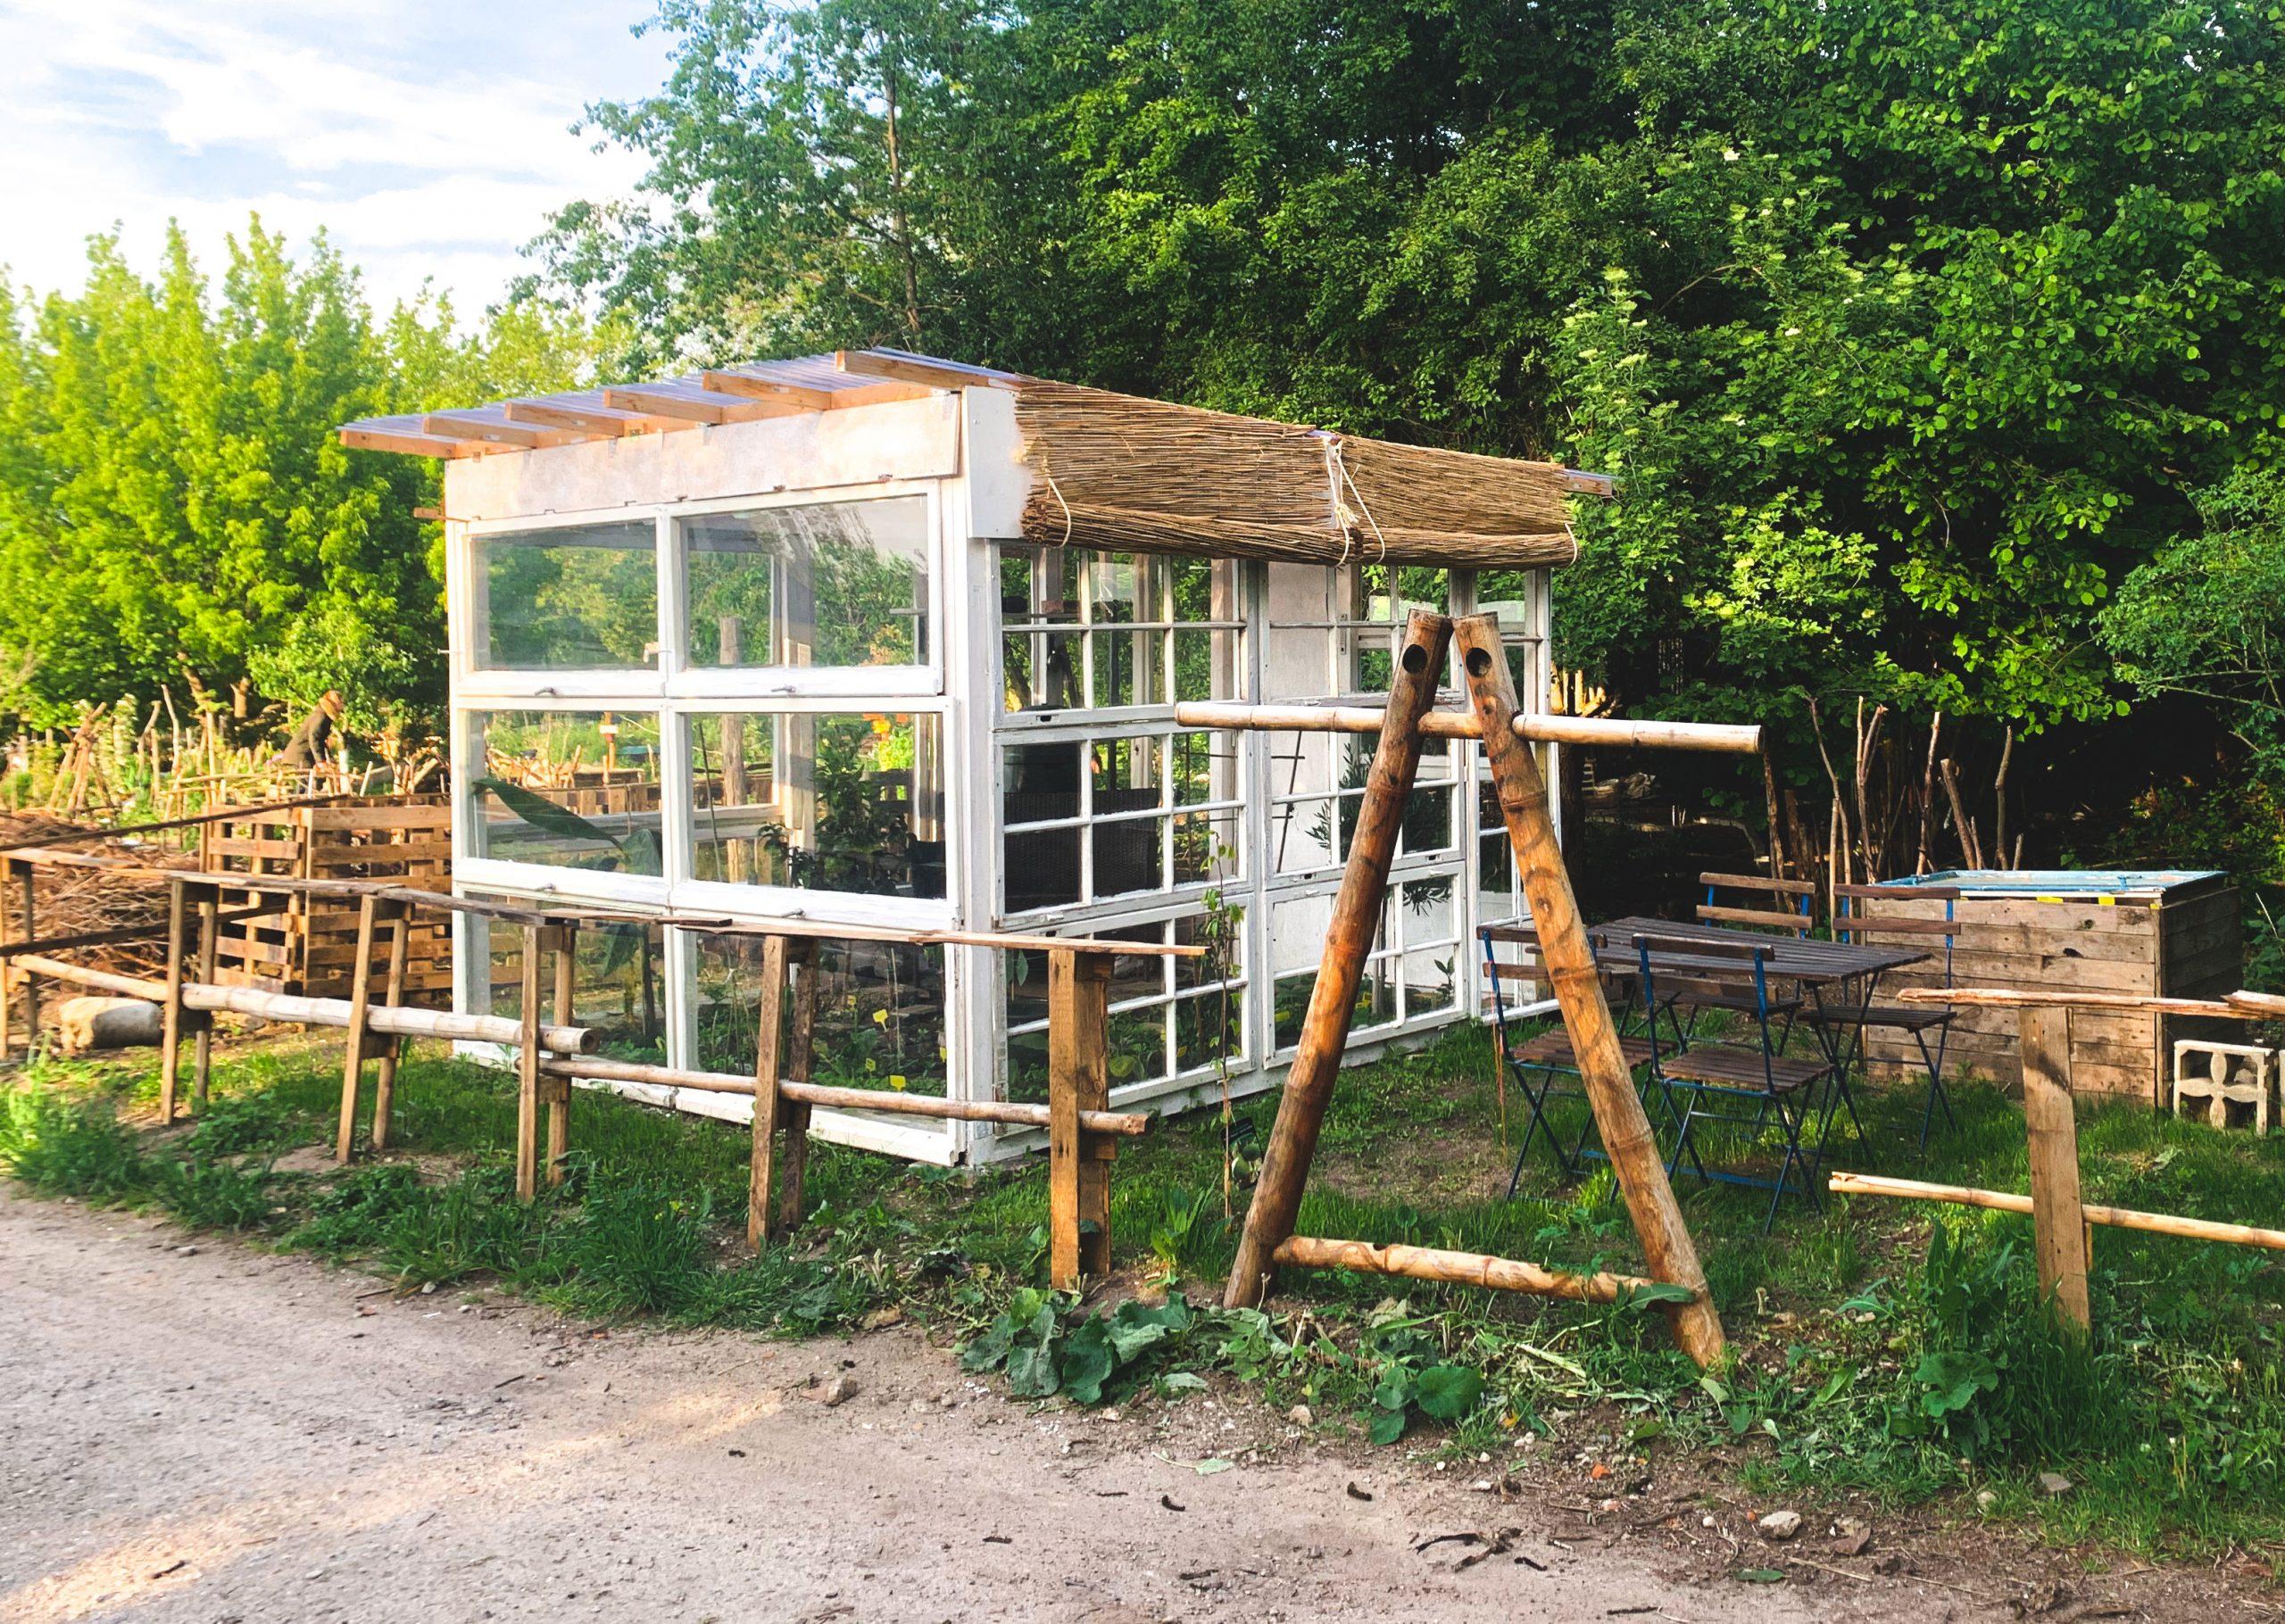 Ein selbst gebautes Gewächshaus mit Holzfenstern steht vor Bäumen